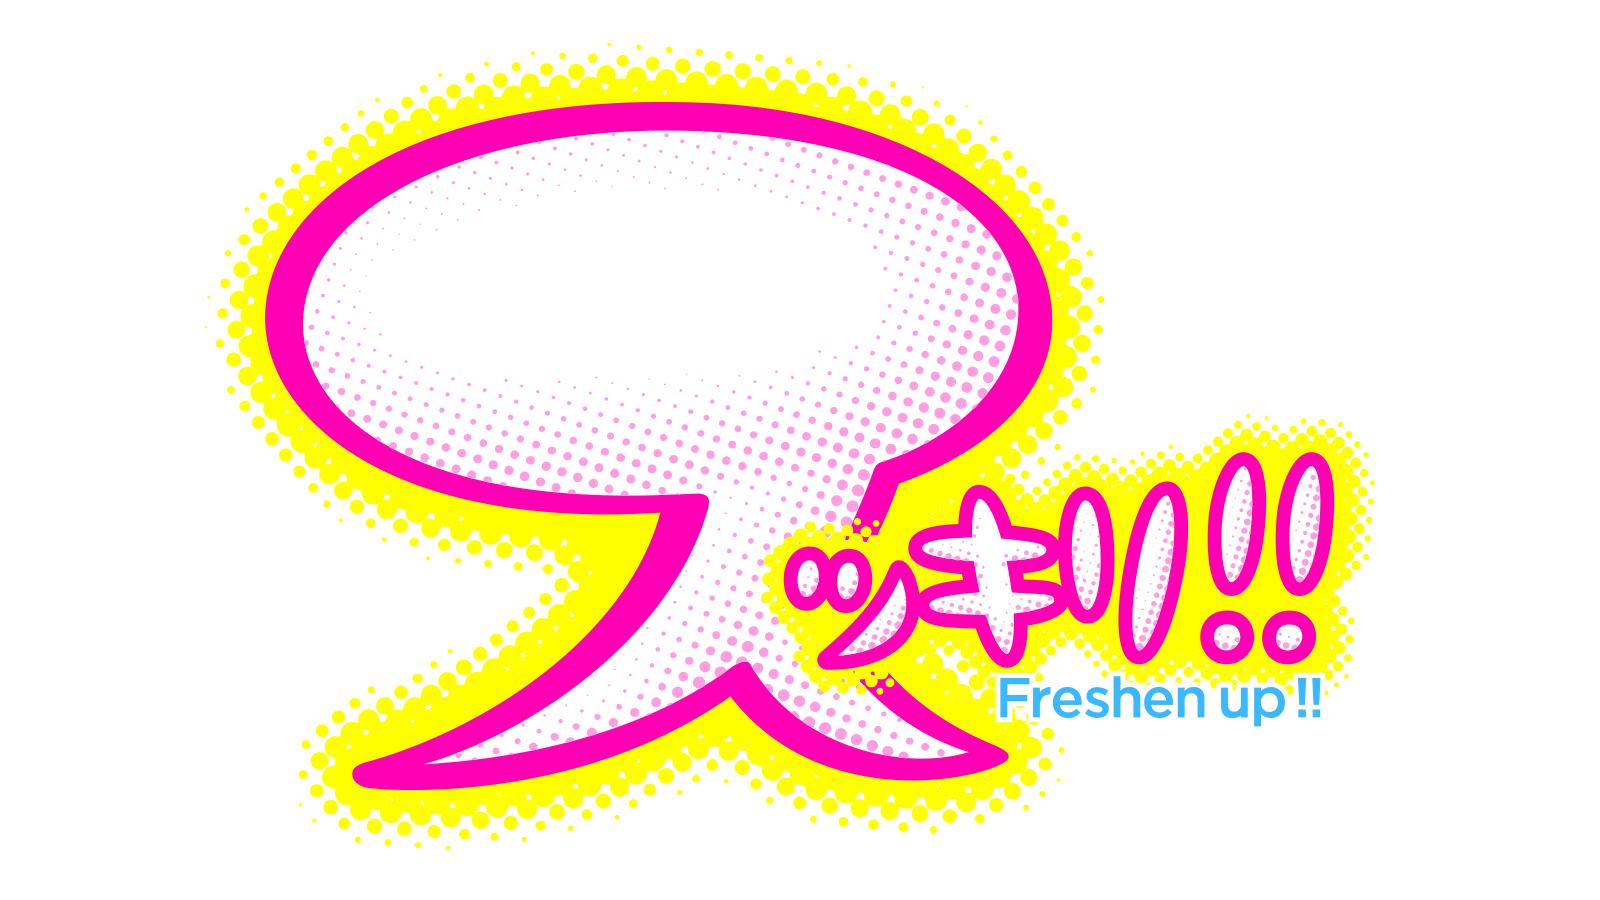 2016.07.29 ついに開催!スッキリ!!10周年記念フェス(スッキリ!!).logo